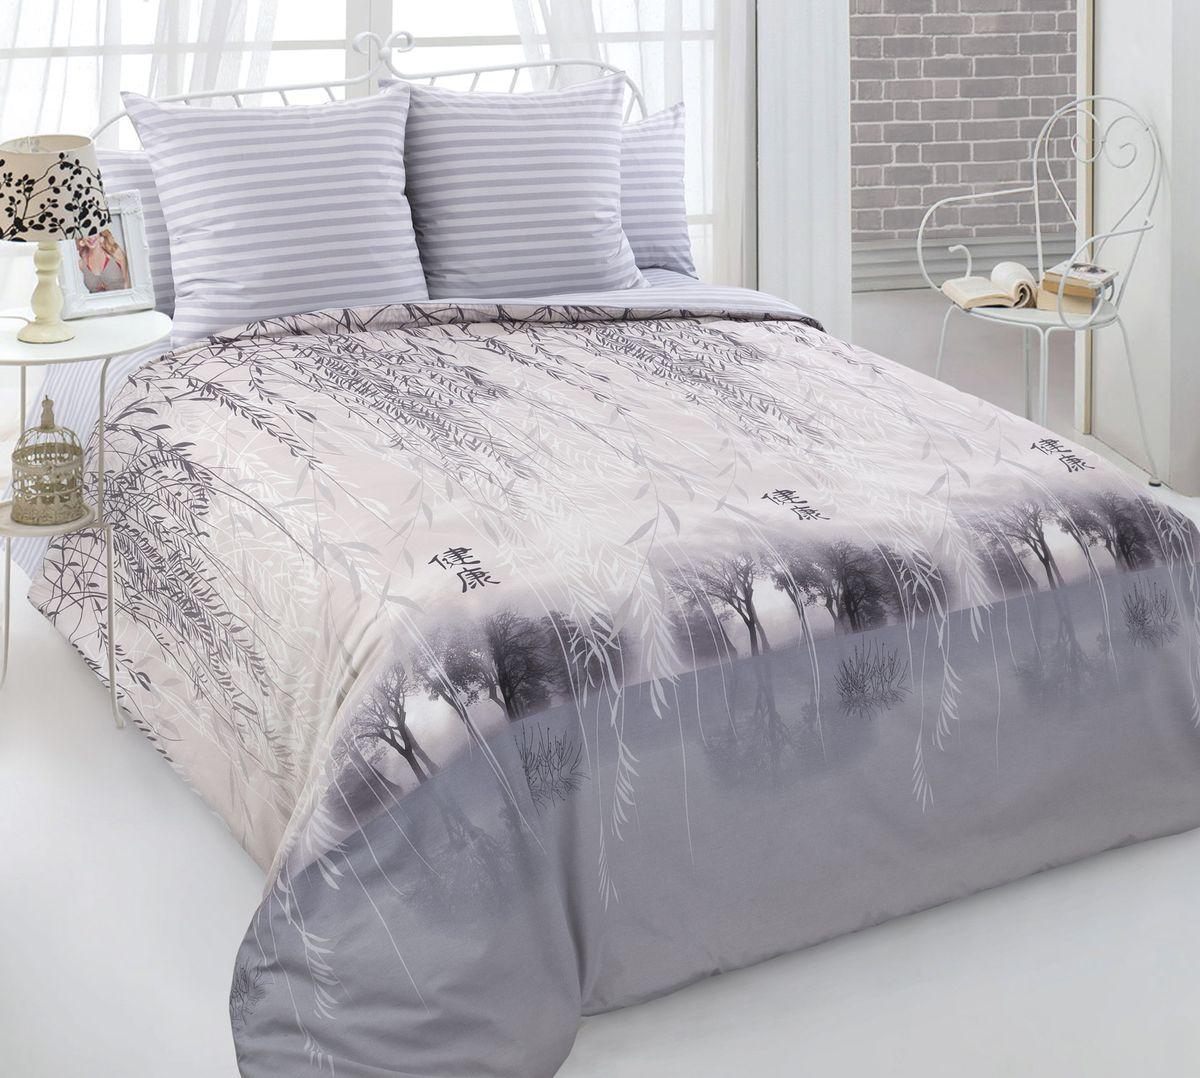 Комплект постельного белья Евростандарт, перкаль (Умиротворение)